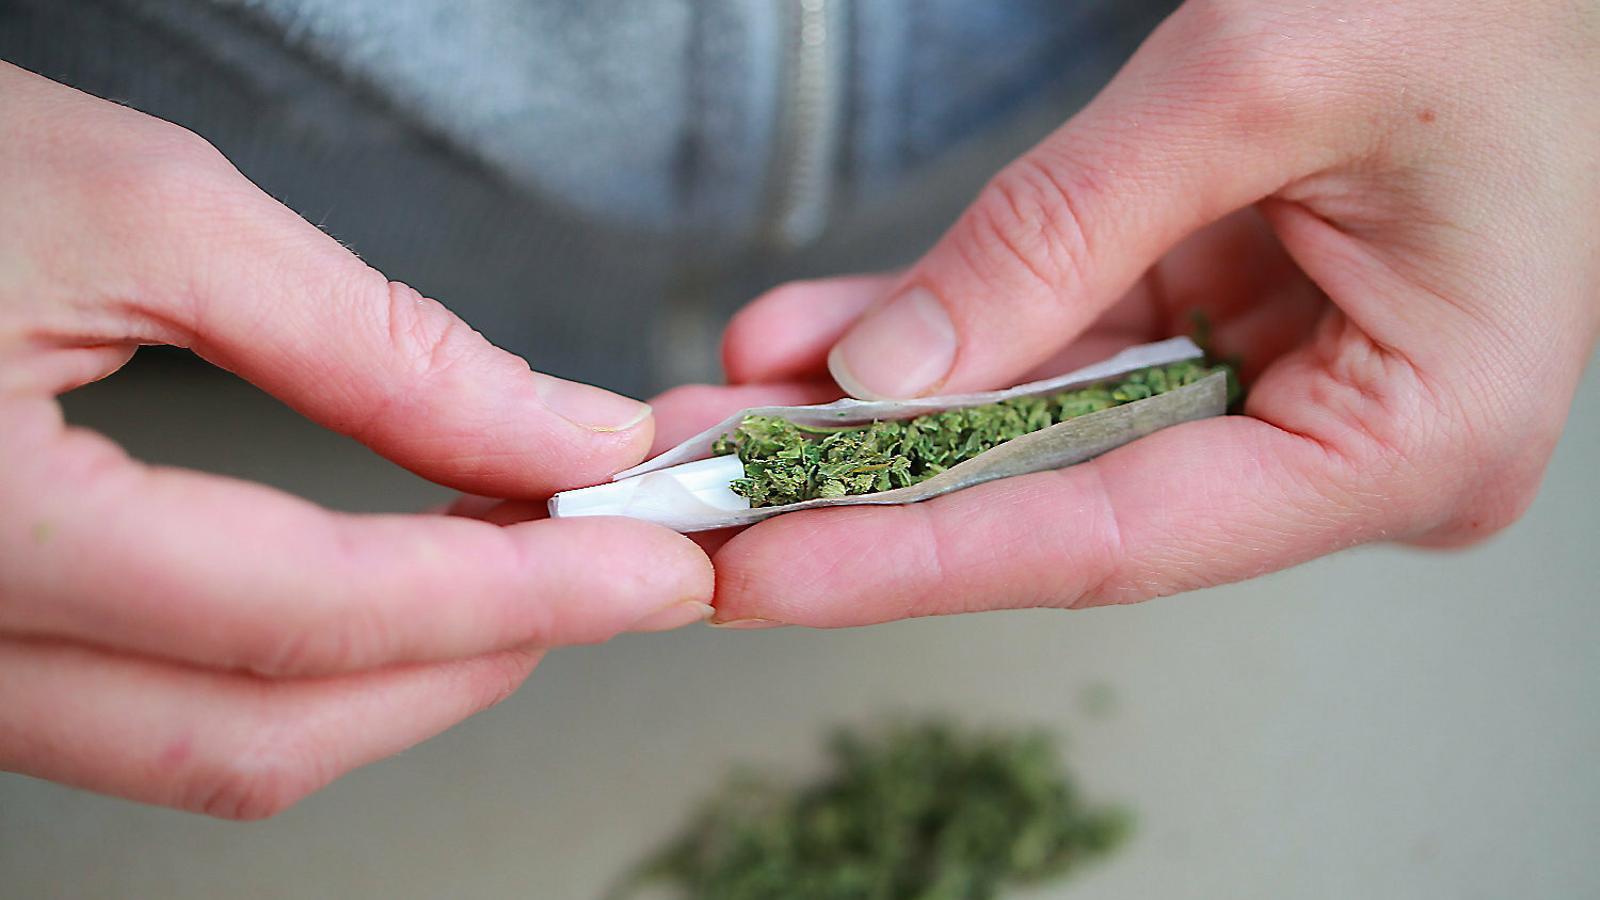 El 64% dels joves de 15 anys veuen fàcil aconseguir cànnabis